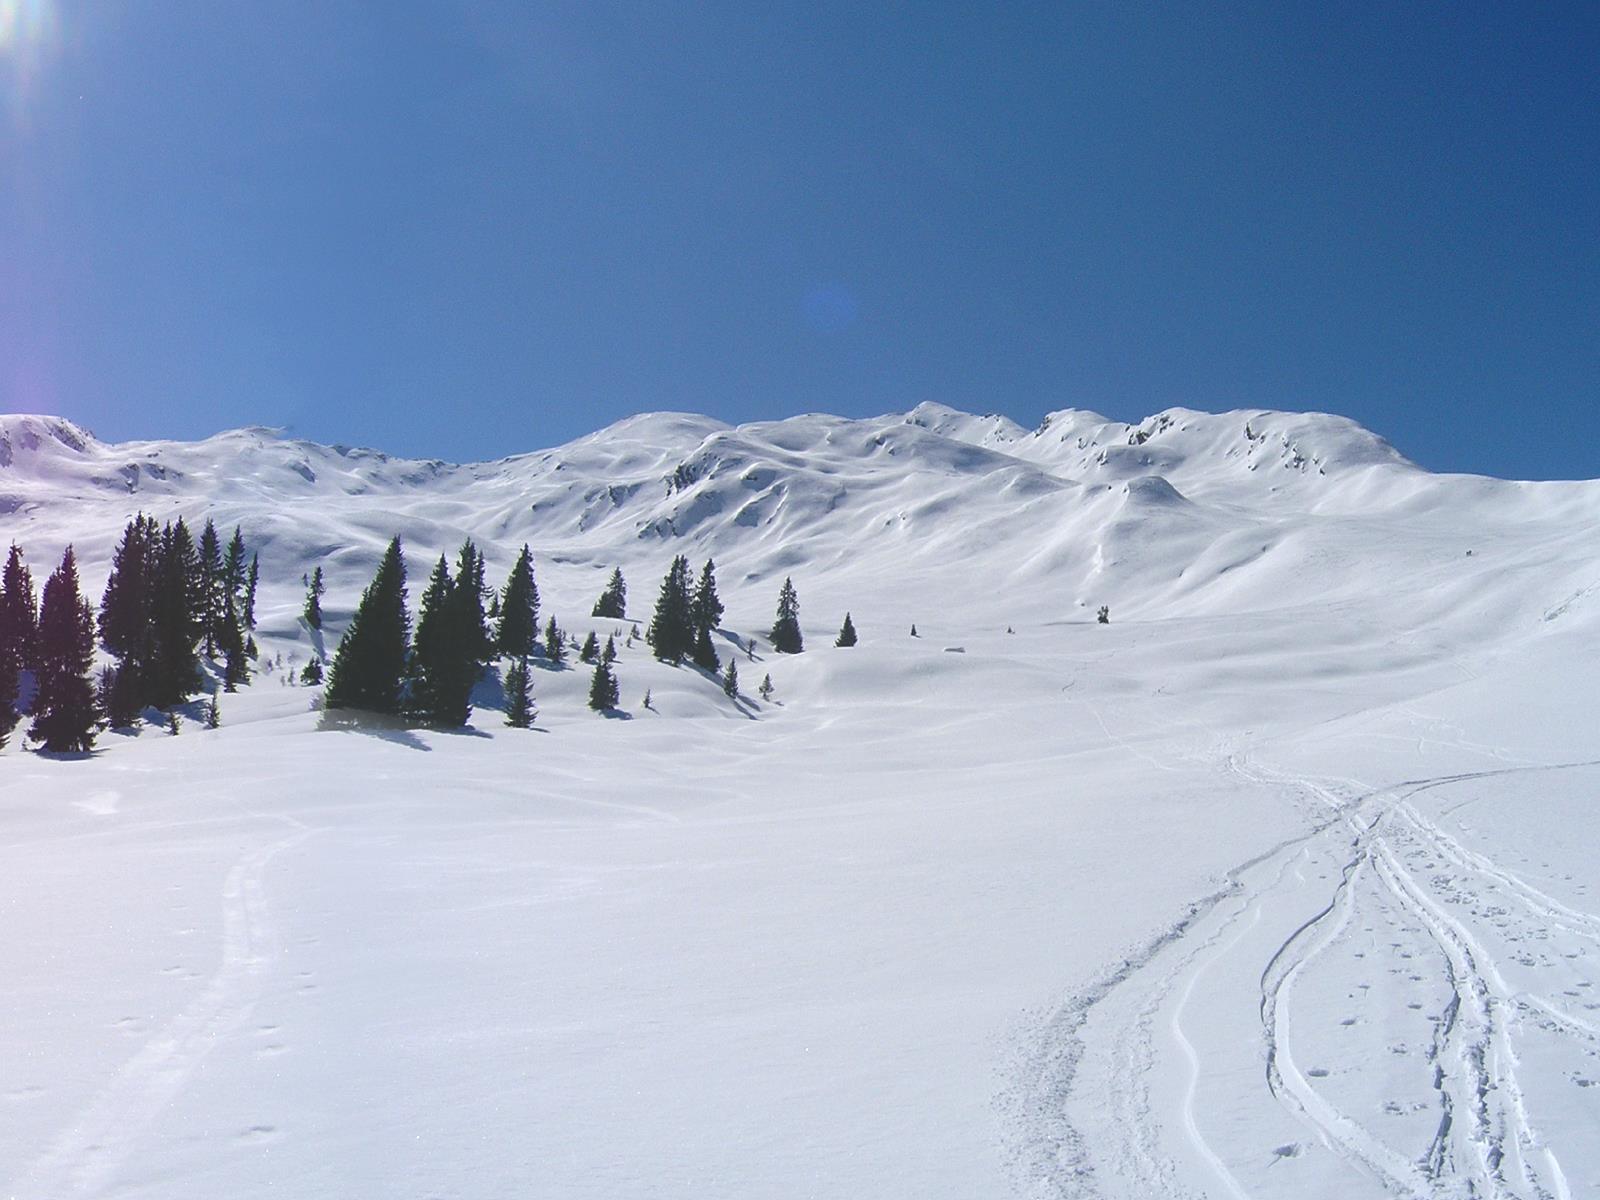 Escursione sci alpinistica sulla Cima Fleckner